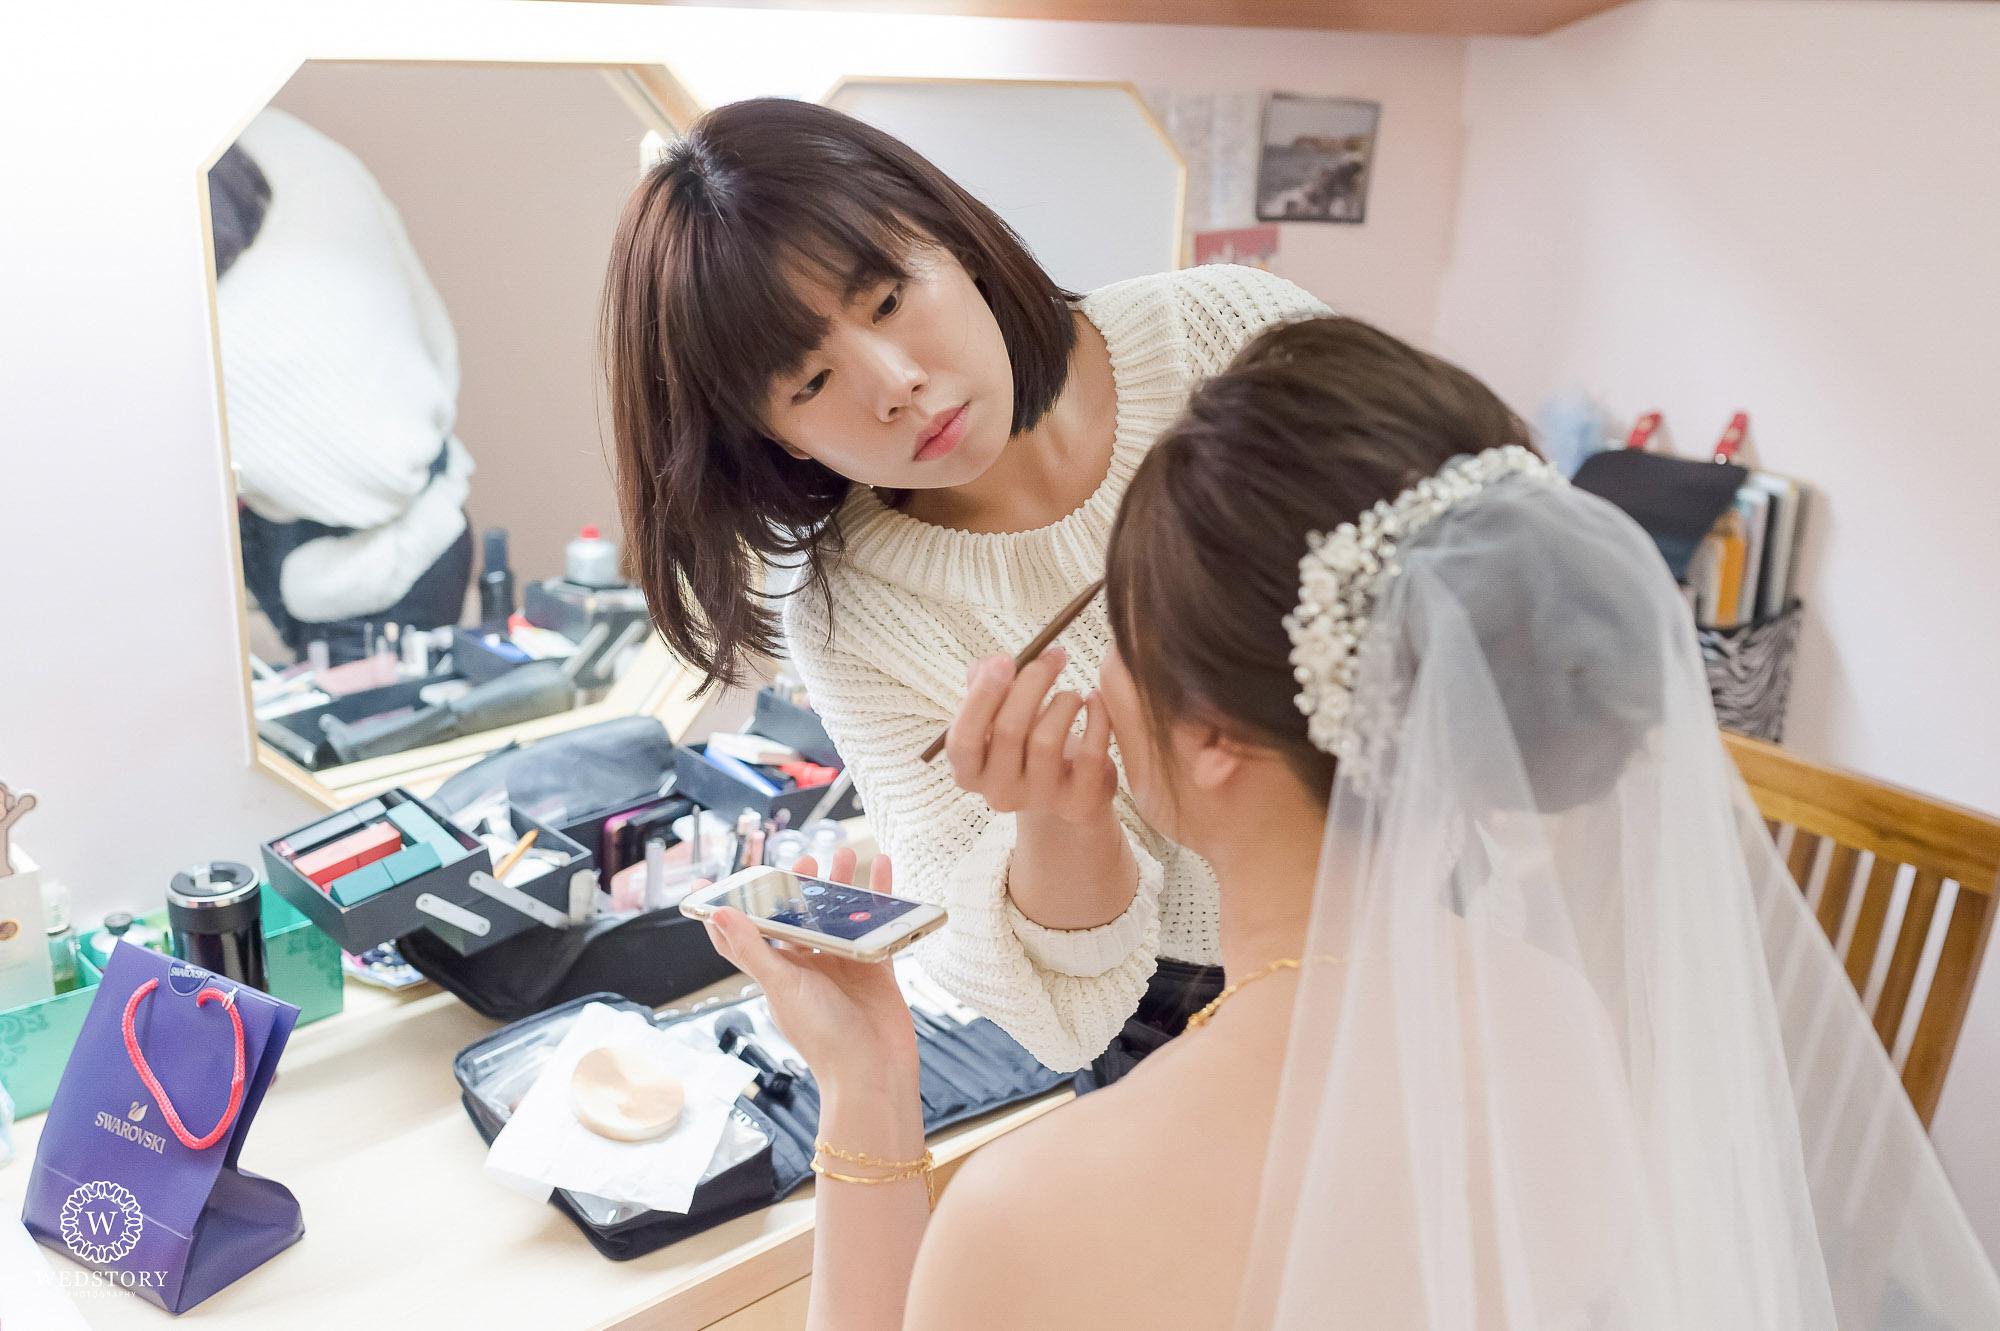 台北國賓飯店婚攝02,國際廳,台北婚攝推薦,婚禮攝影,婚禮紀錄